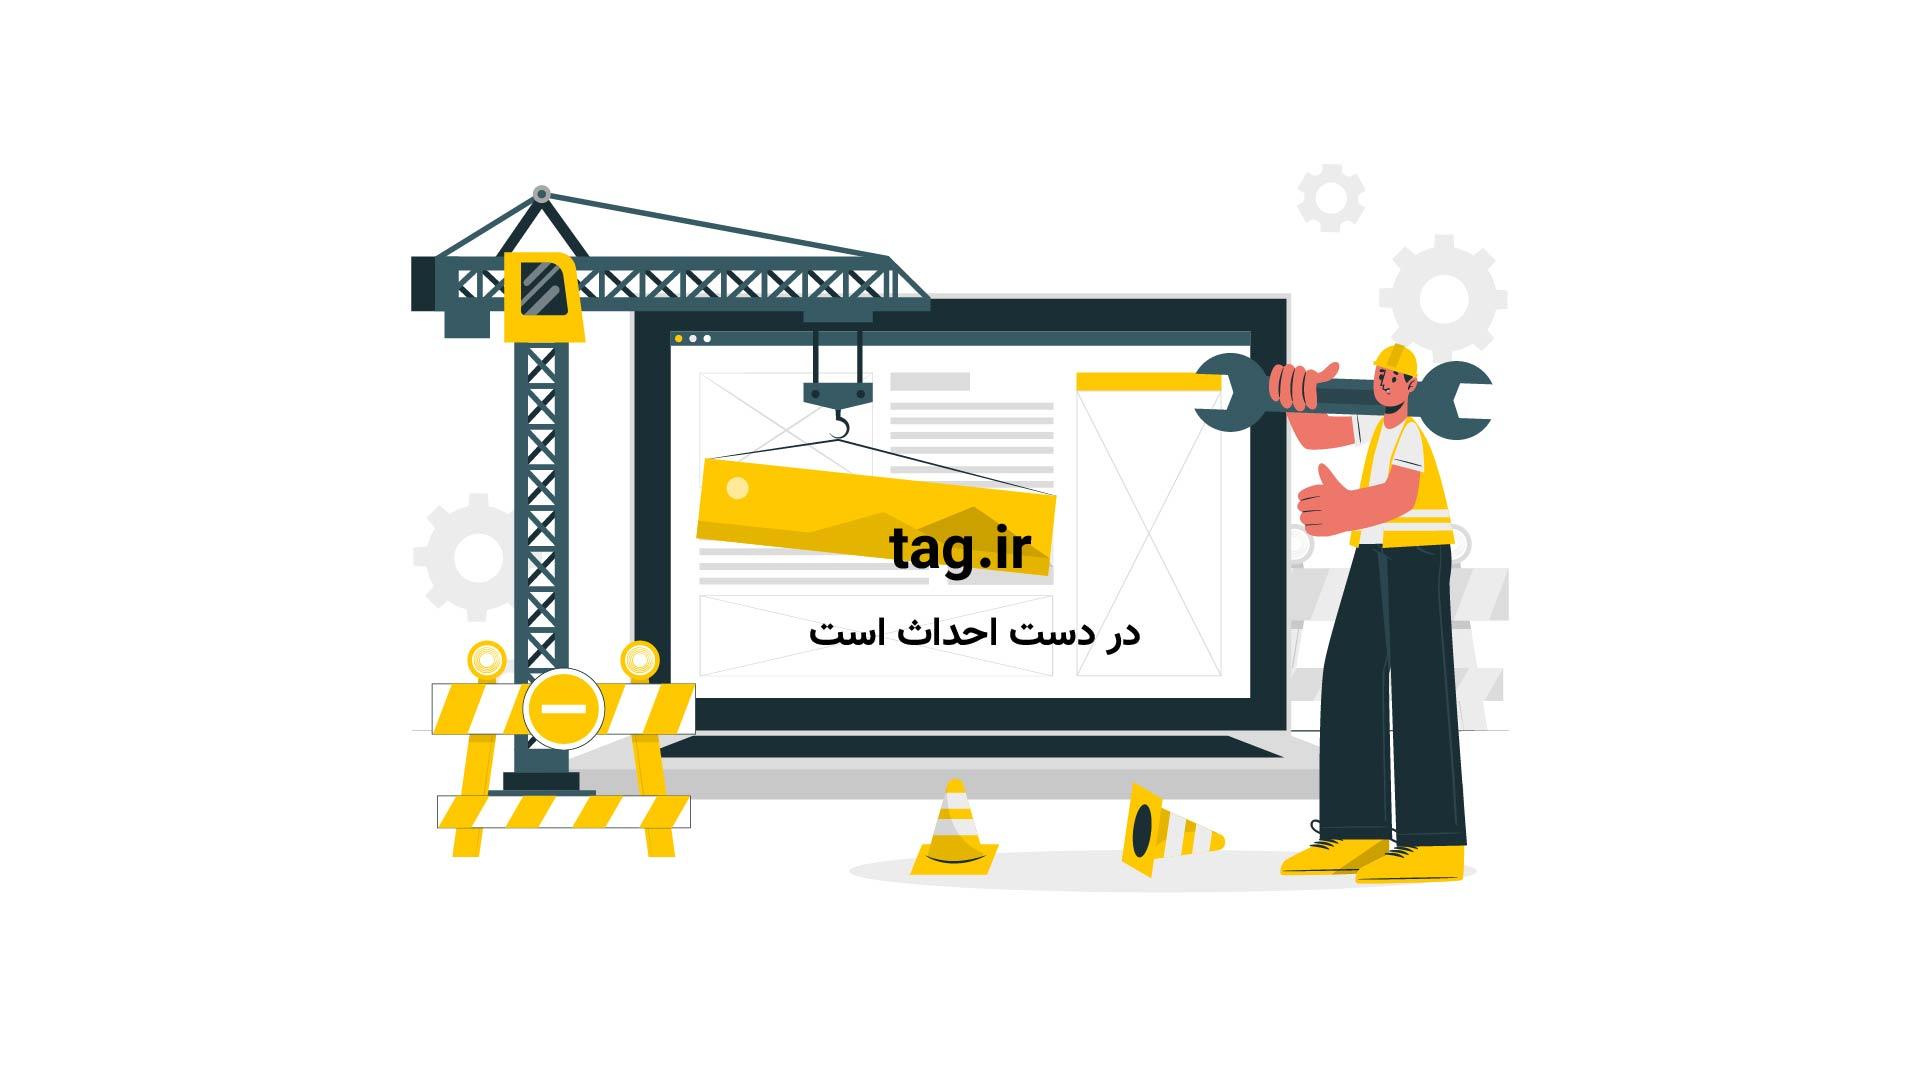 خانه هایی بزرگ و مجهز با قابلیت جابجایی   فیلم